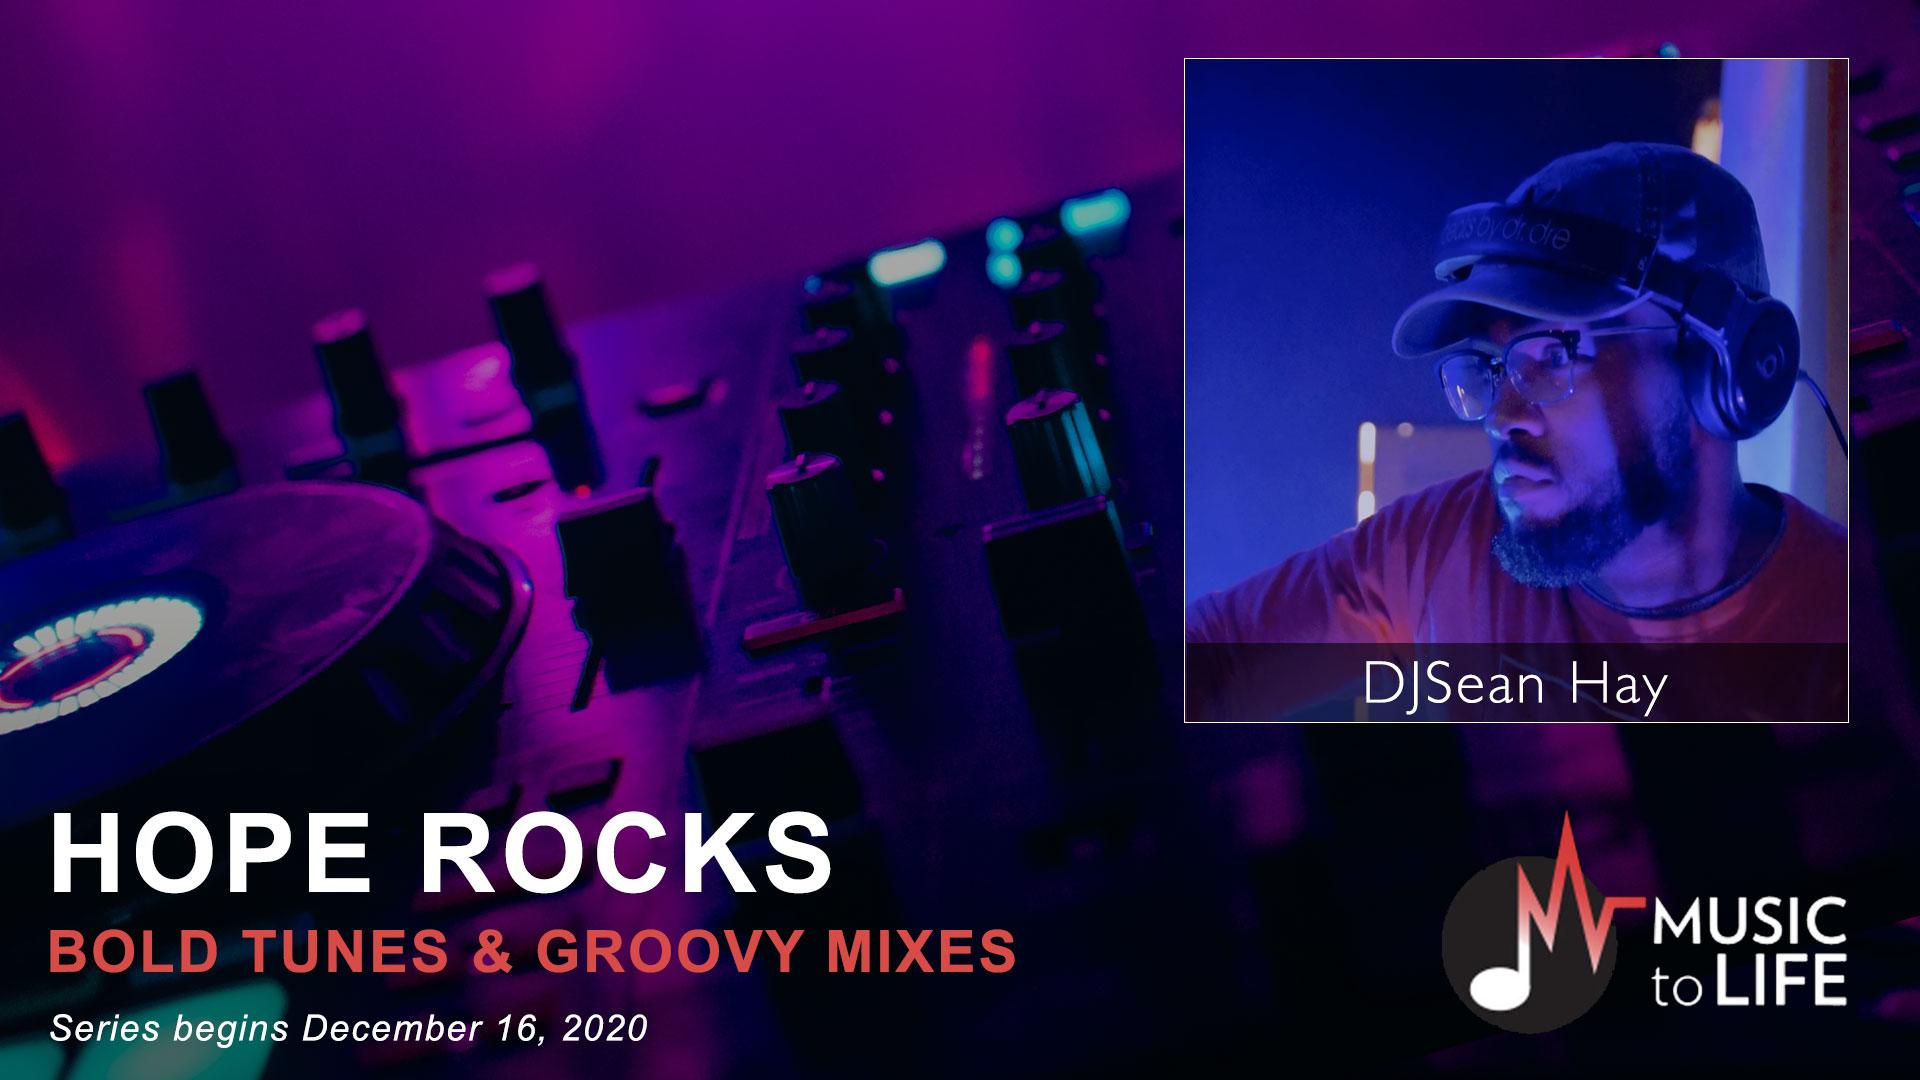 Hope Rocks with DJSean Hay